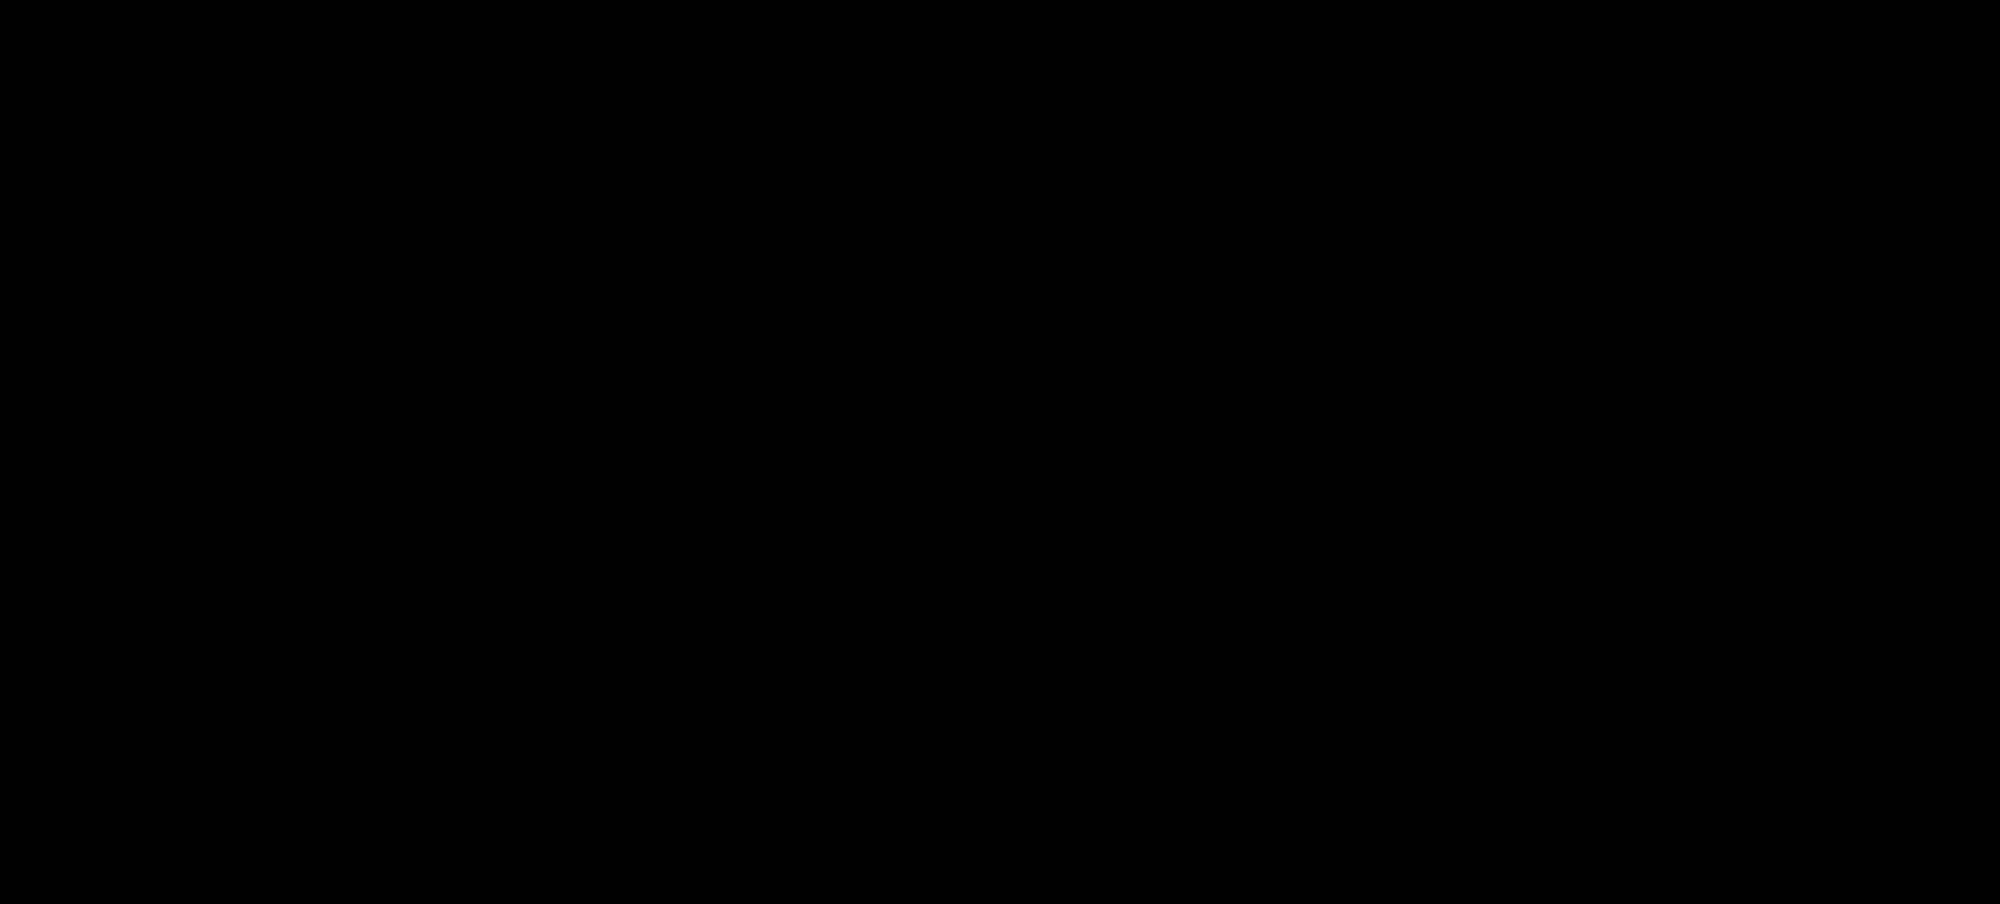 Welbaum Guernsey-logo-black.png